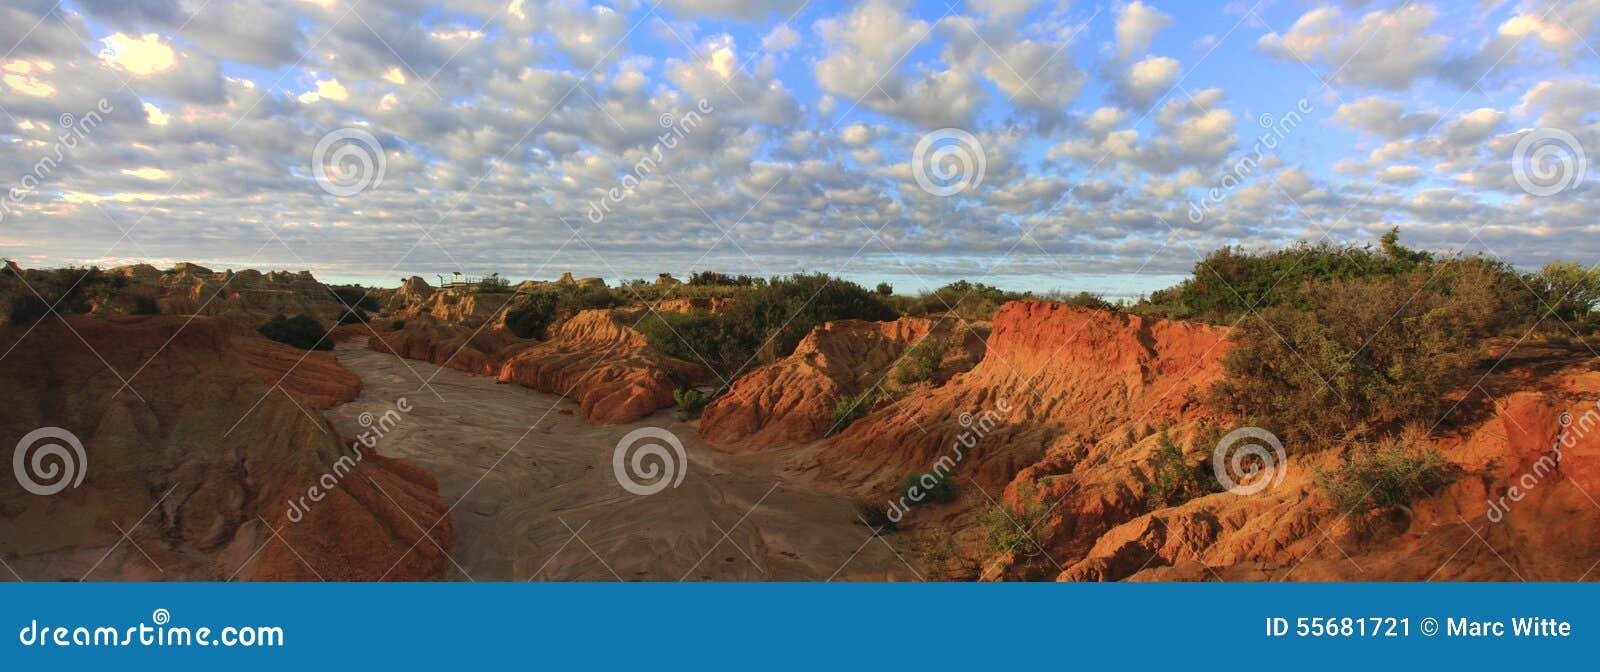 Panorama - Mungonationalpark, NSW, Australien